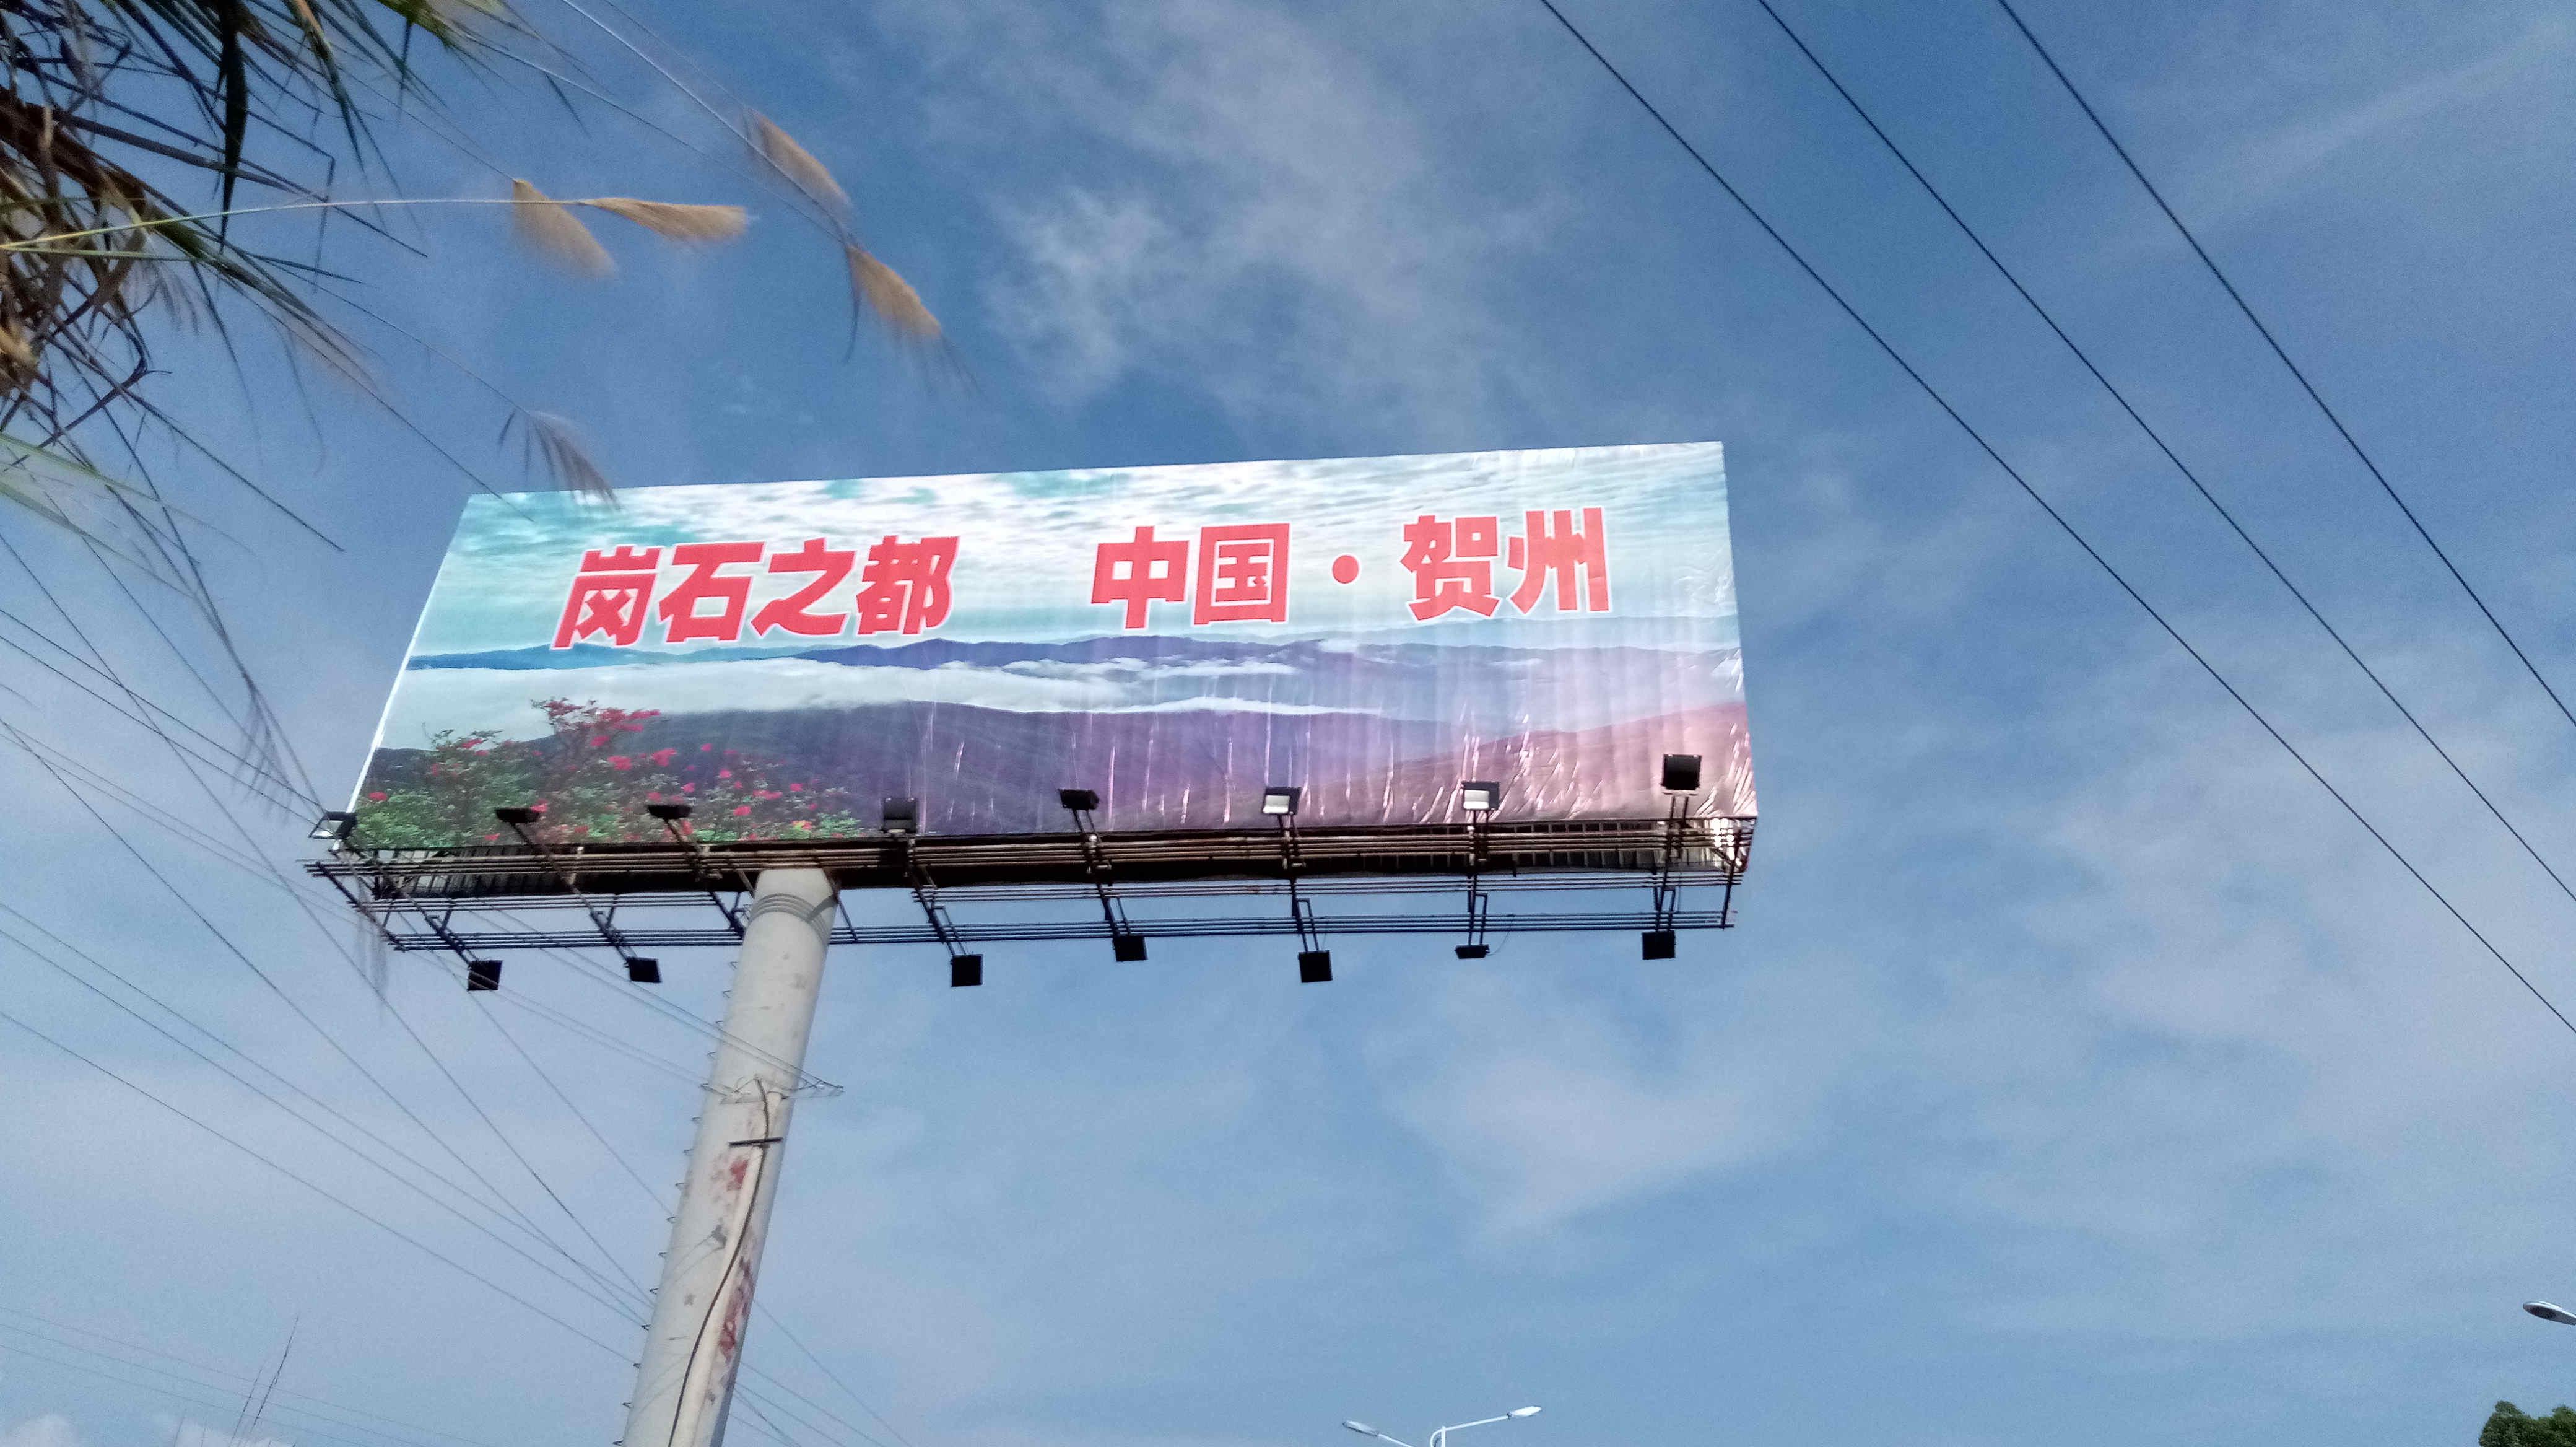 贺州高炮广告制作哪里找-贺州市爱上芗籿专业提供高炮广告制作